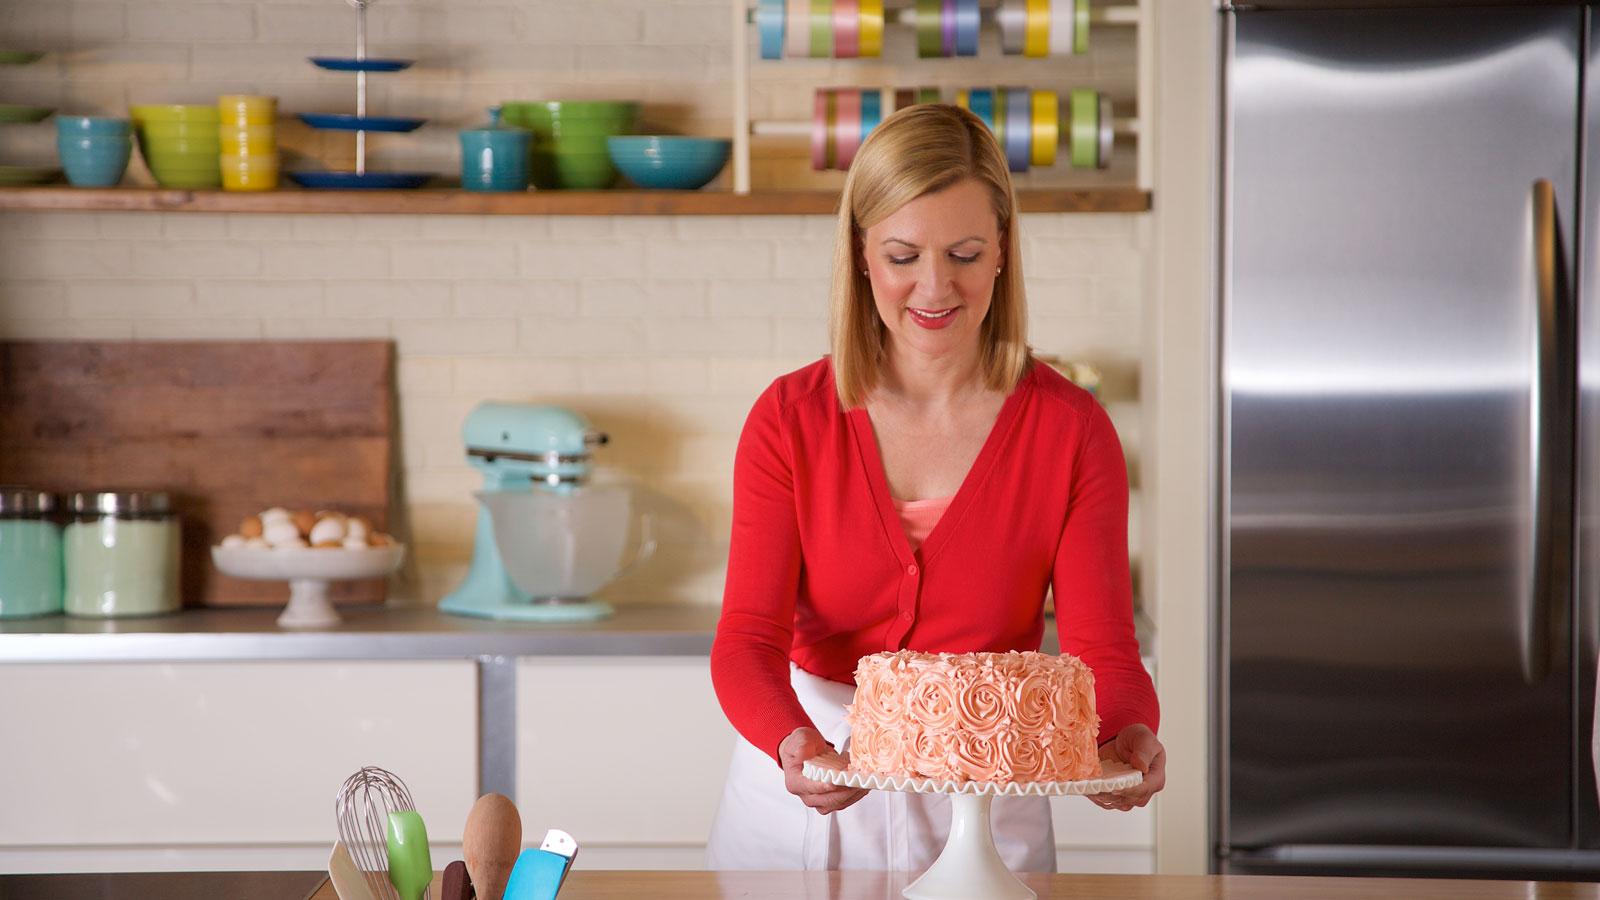 La reposter a de anna olson t3 programas canal cocina for Programacion canal cocina hoy